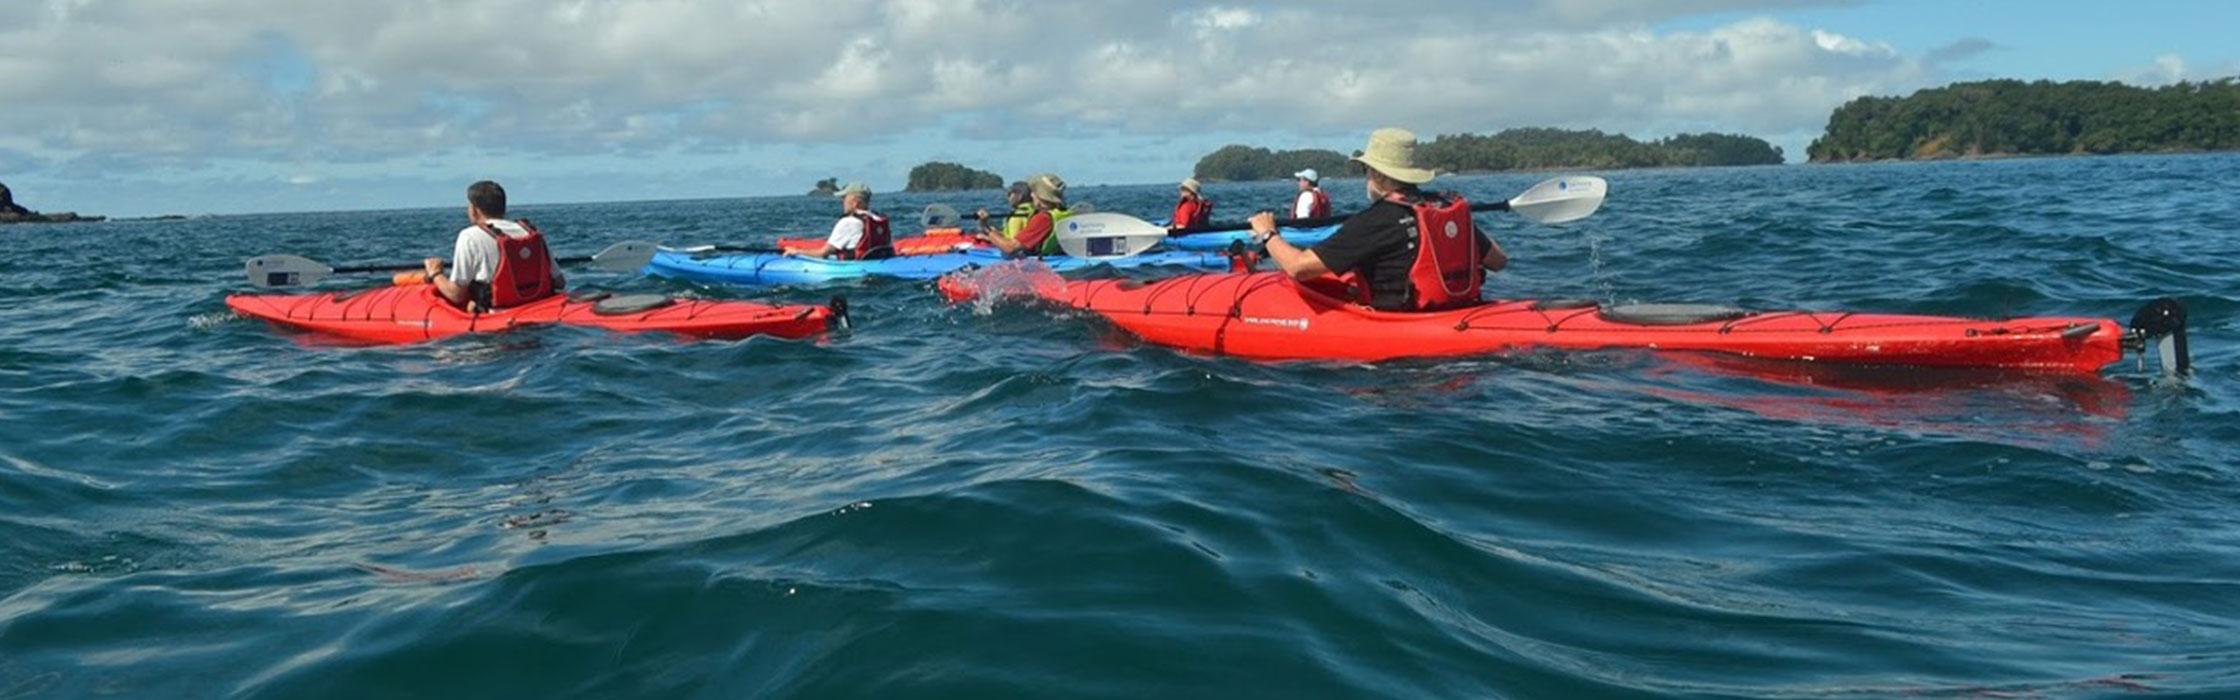 Sea Kayaking the Gulf of Chiriqui